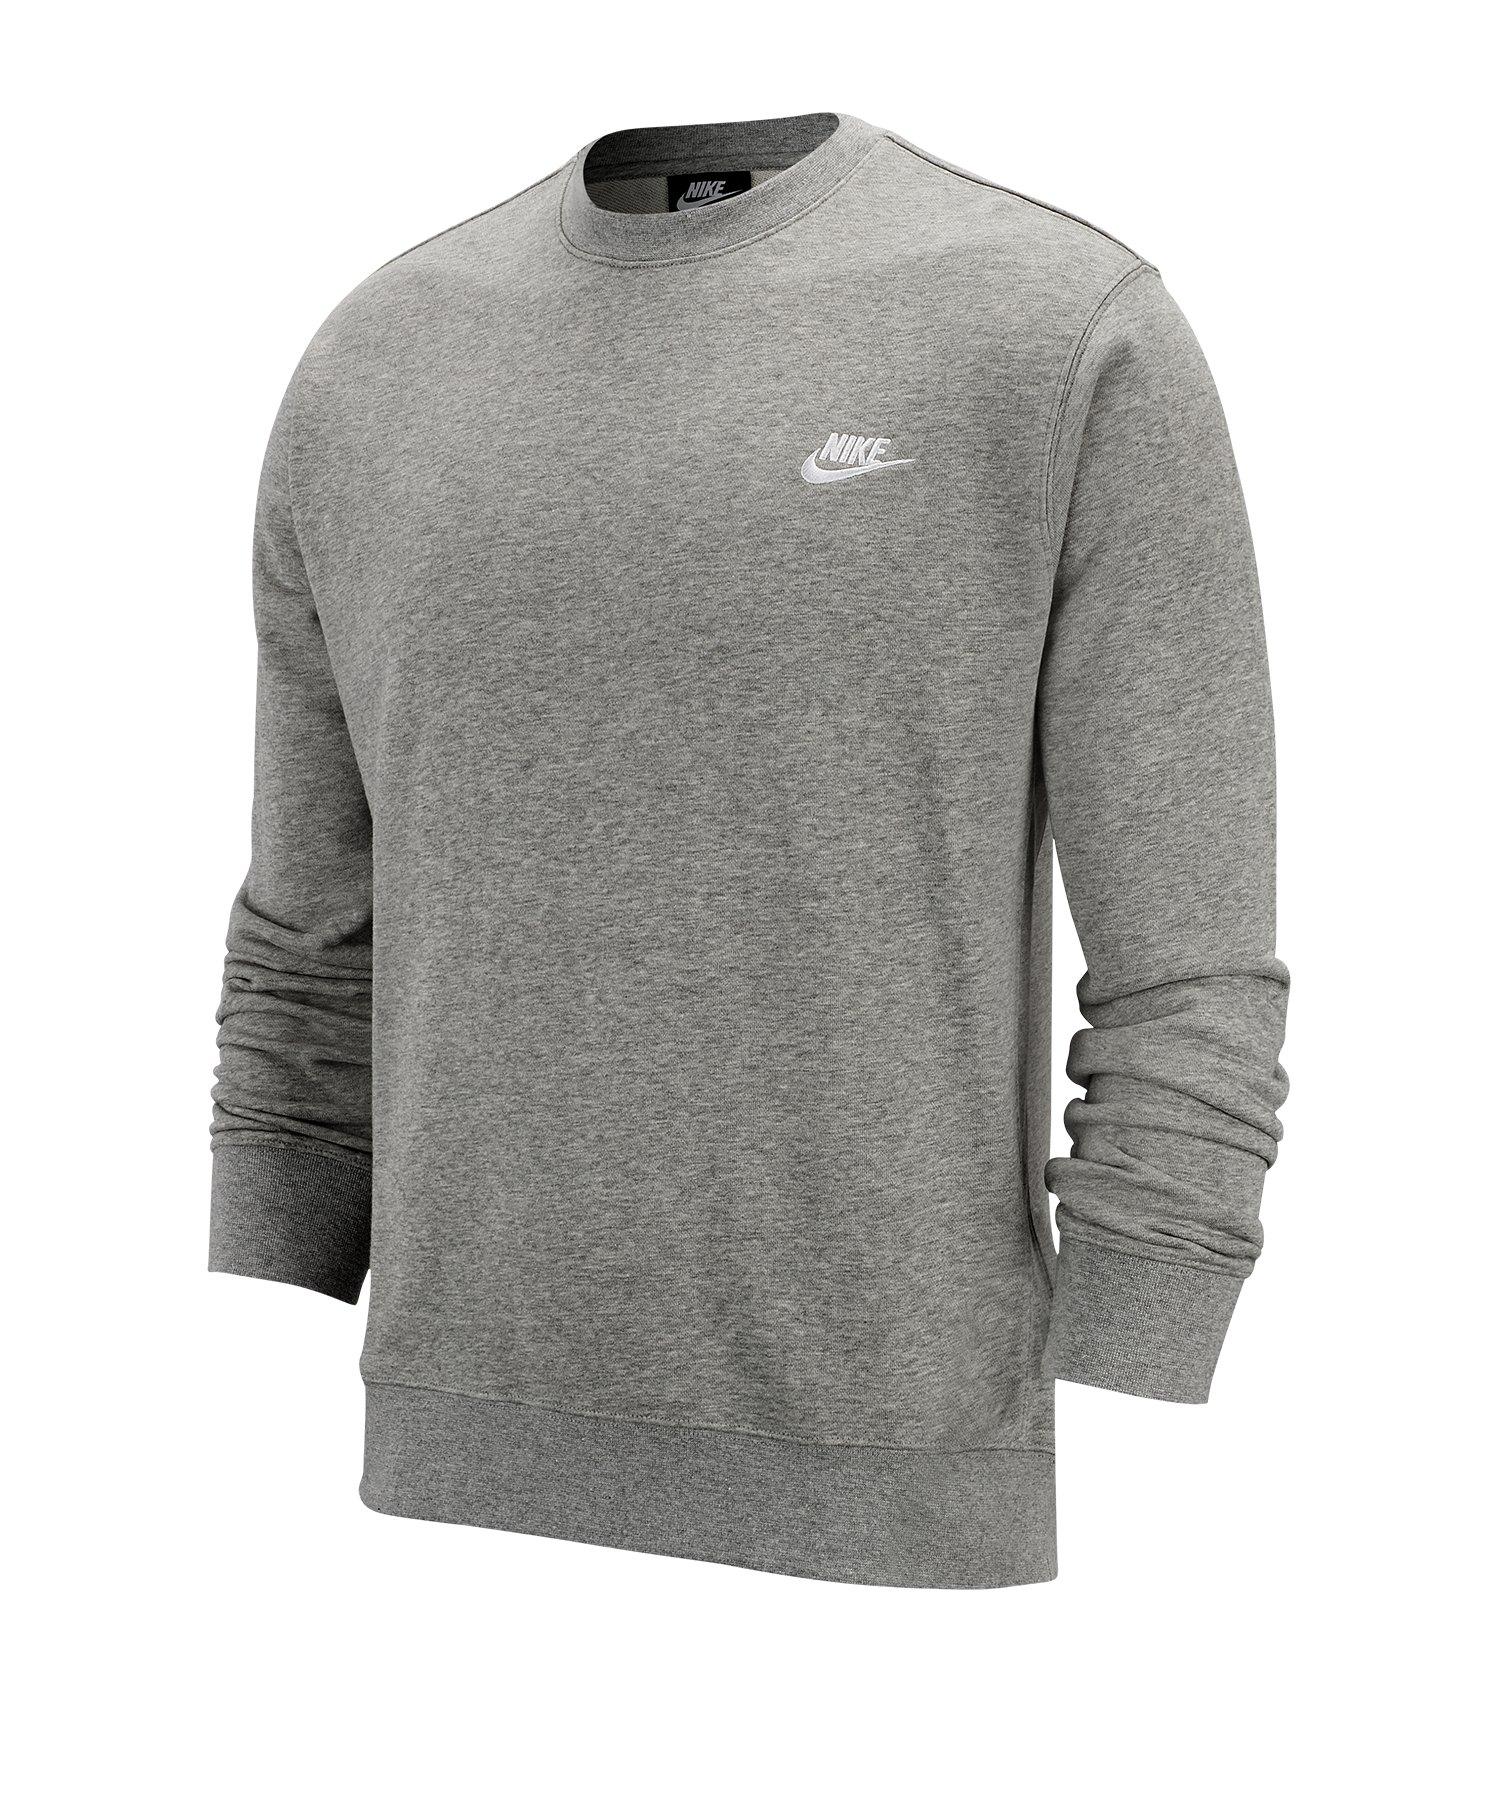 Nike Club Crew Sweatshirt Grau F063 - grau